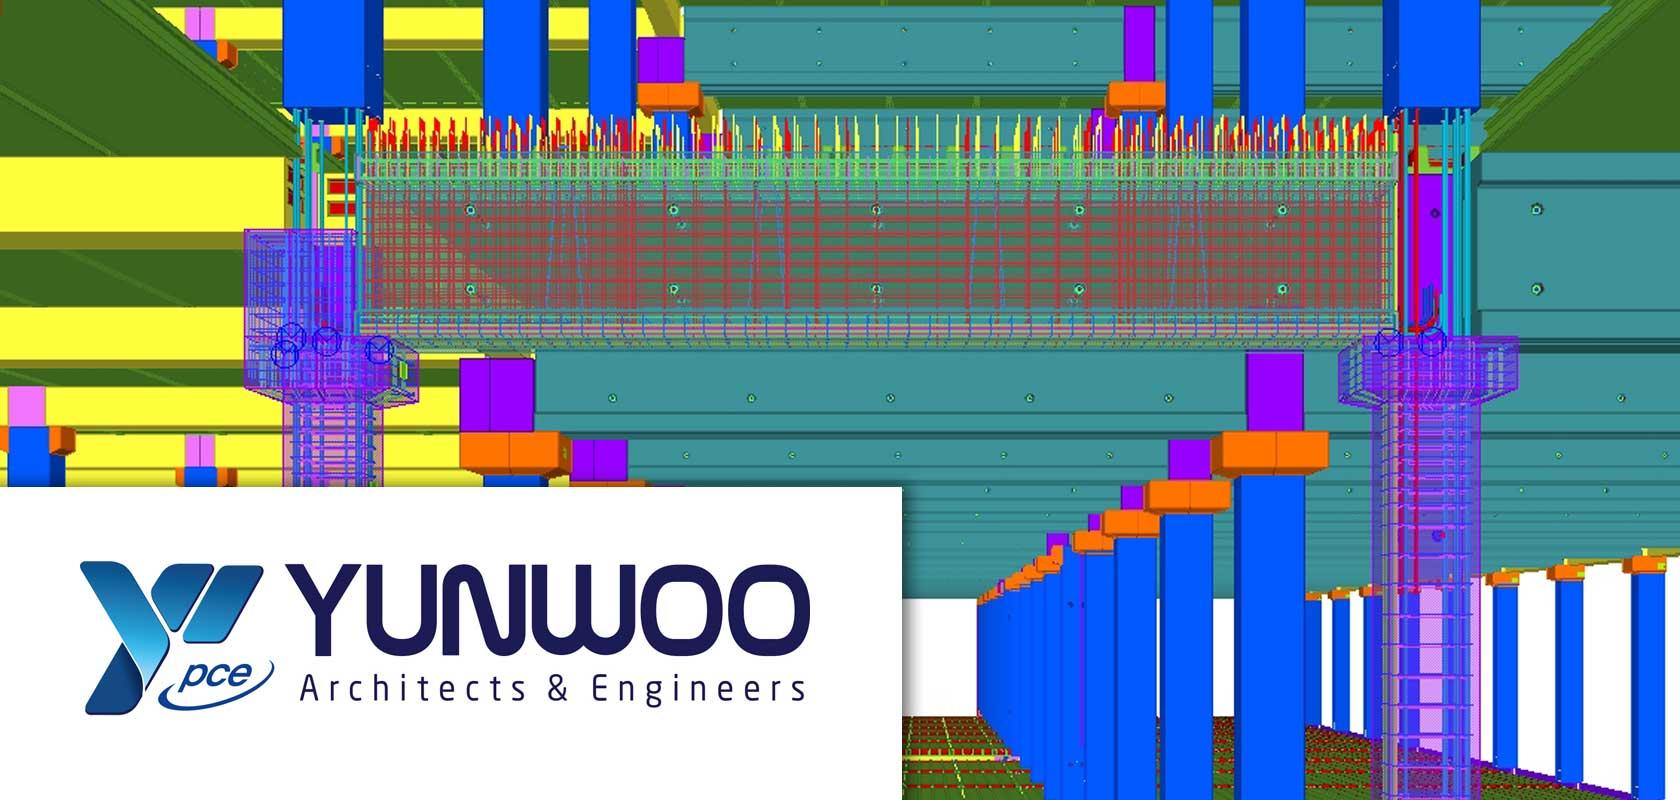 Yunwoo PCE adapts Tekla software